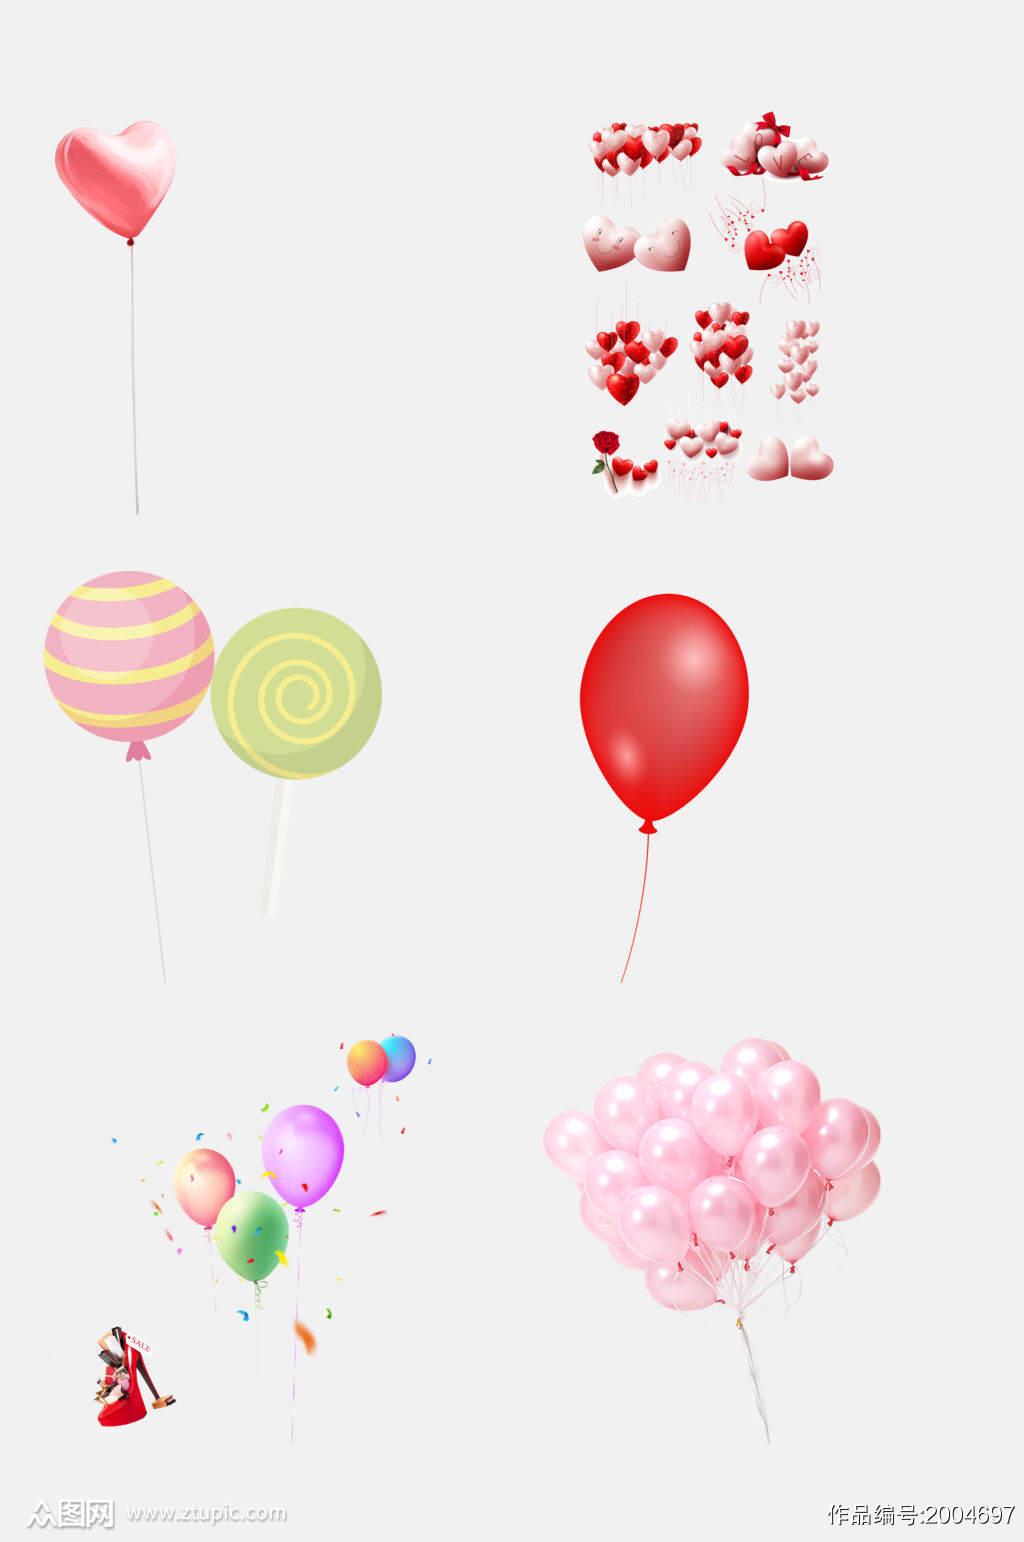 创意红色唯美气球免抠元素素材